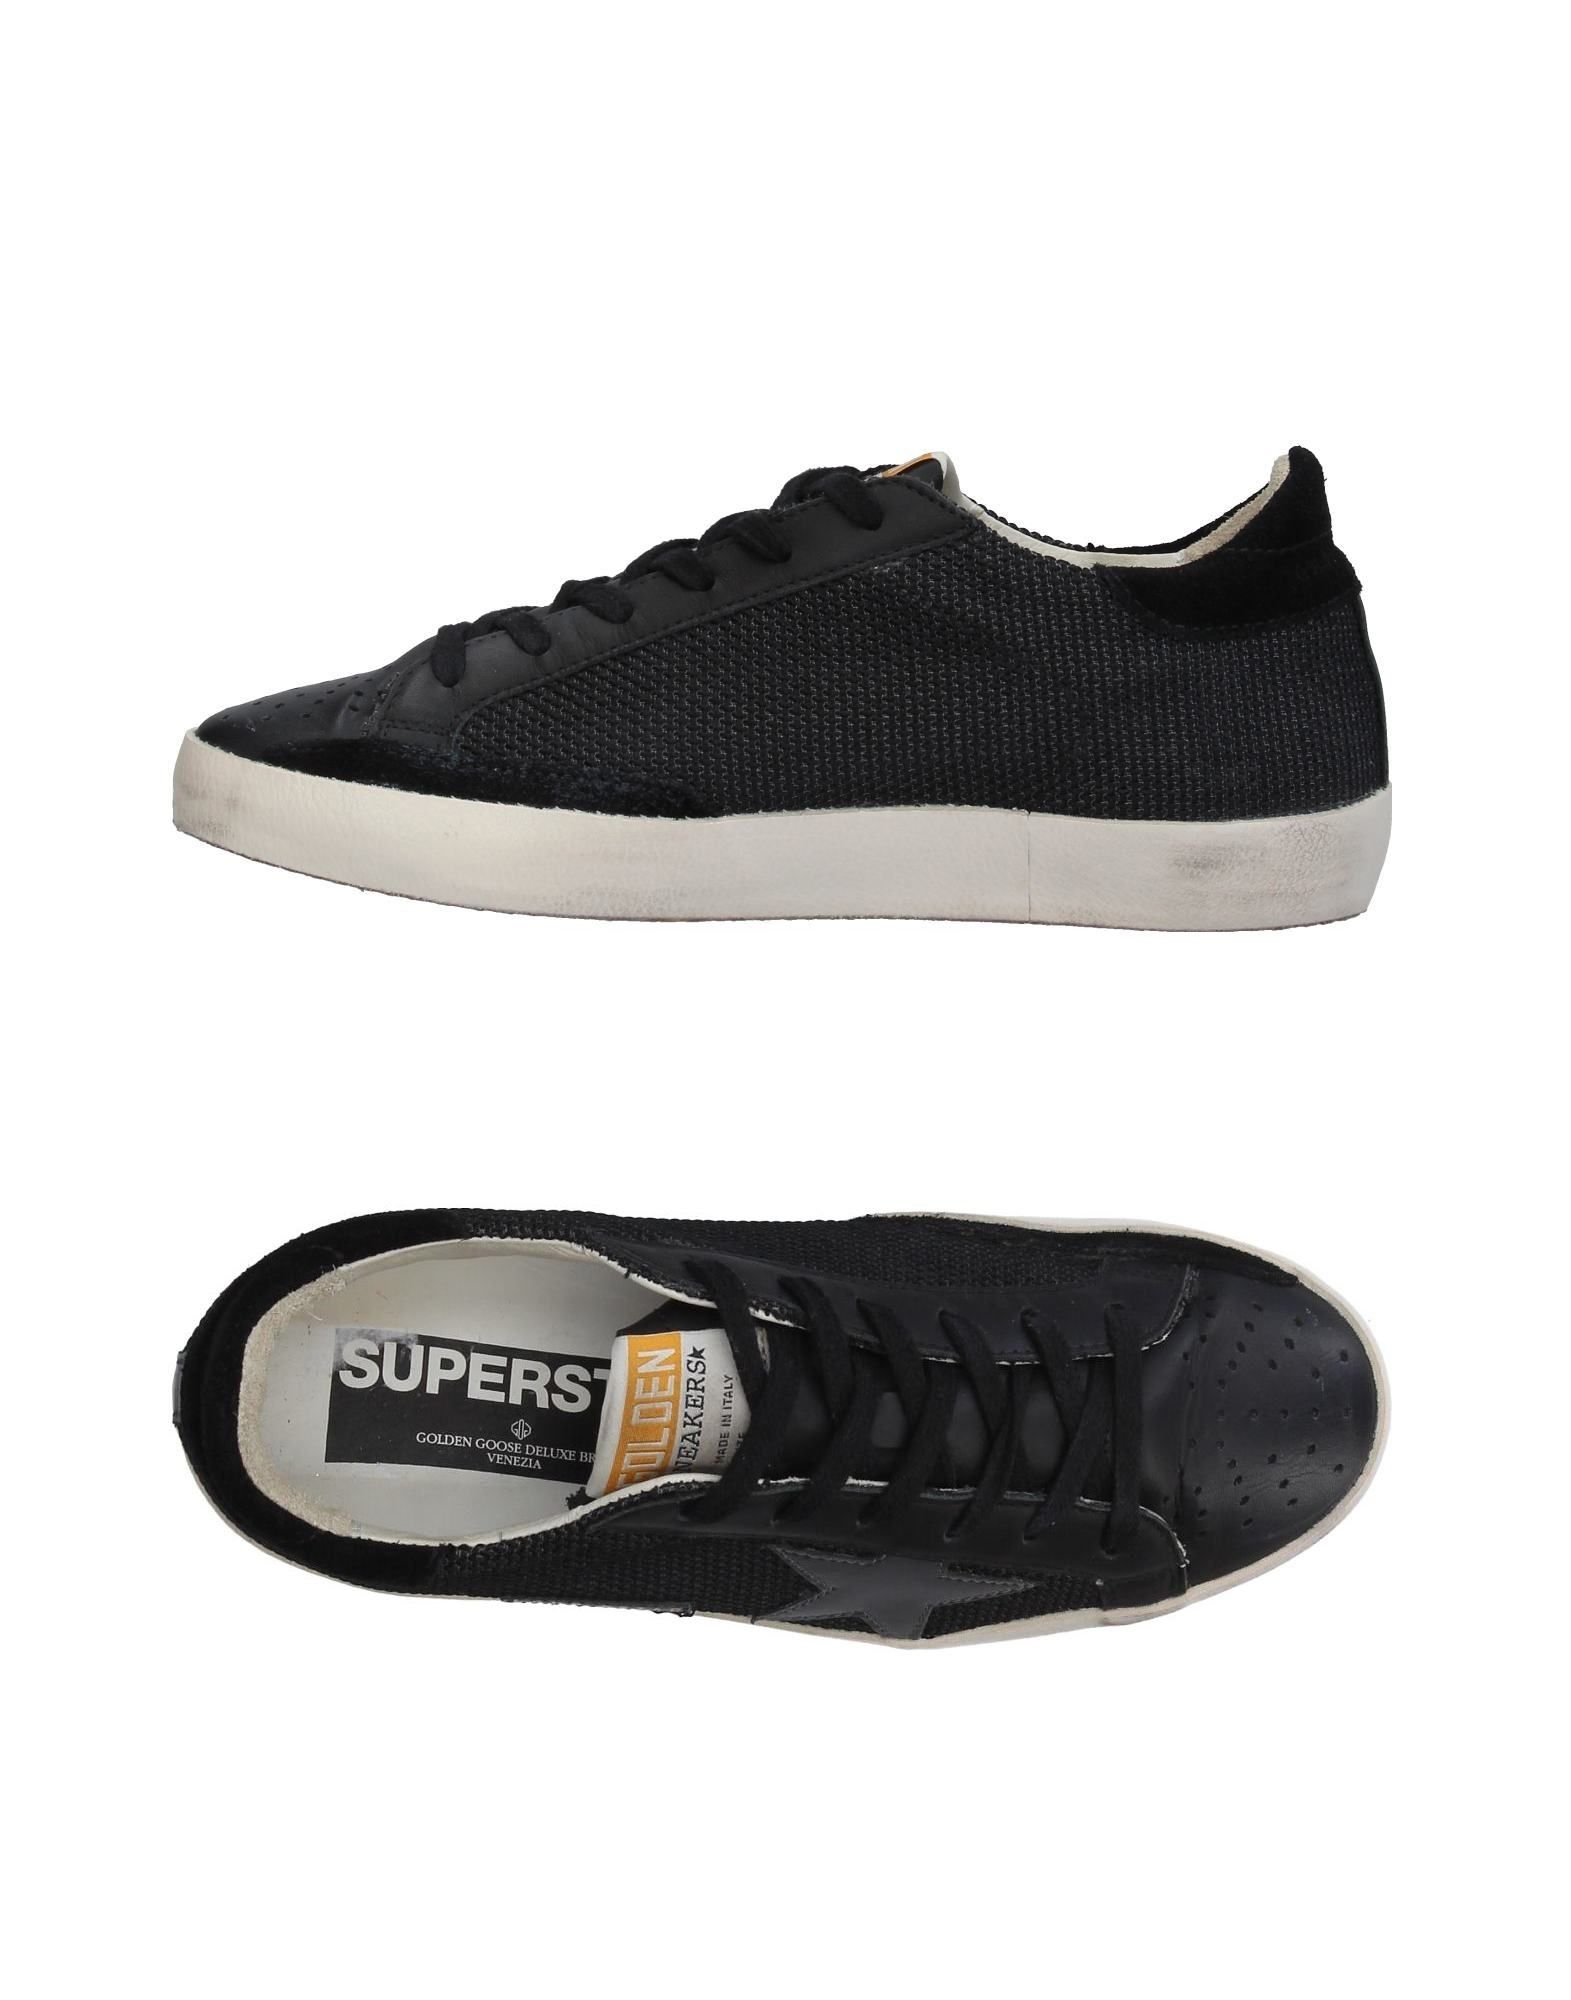 Sneakers Nike Donna - 11334160AX Scarpe economiche e buone